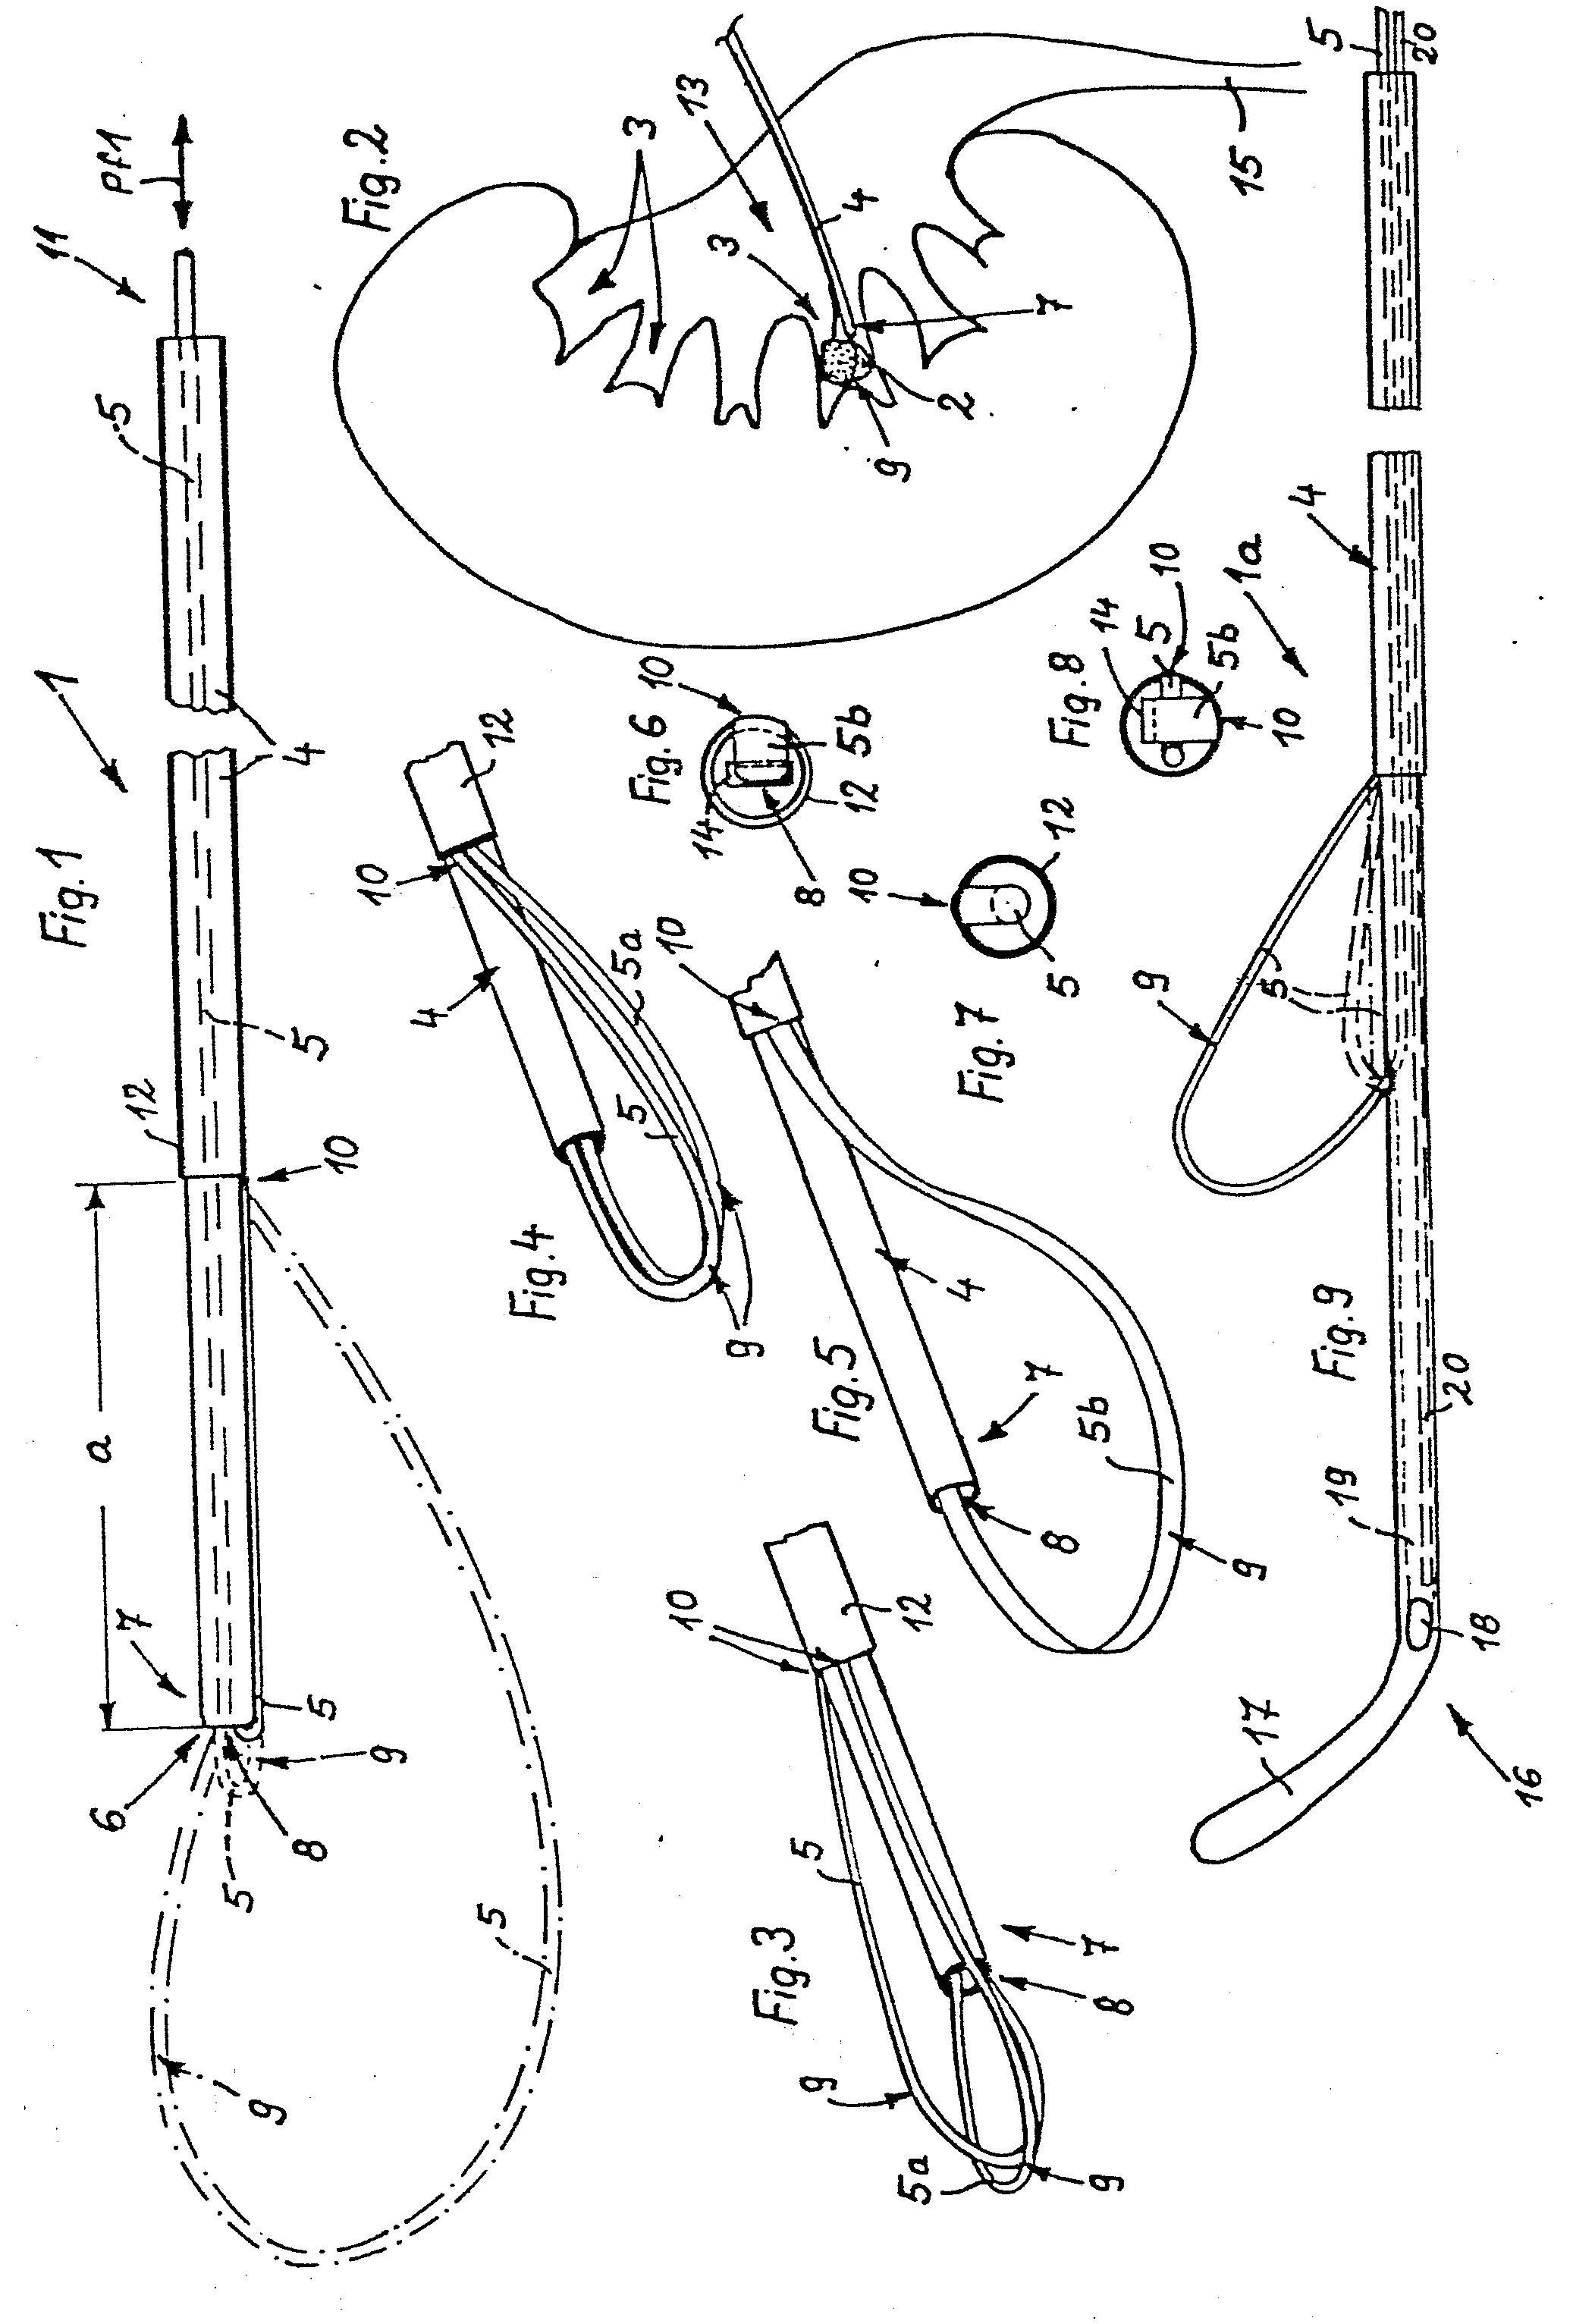 patent ep0123175a1 katheter zum entfernen von steinen. Black Bedroom Furniture Sets. Home Design Ideas